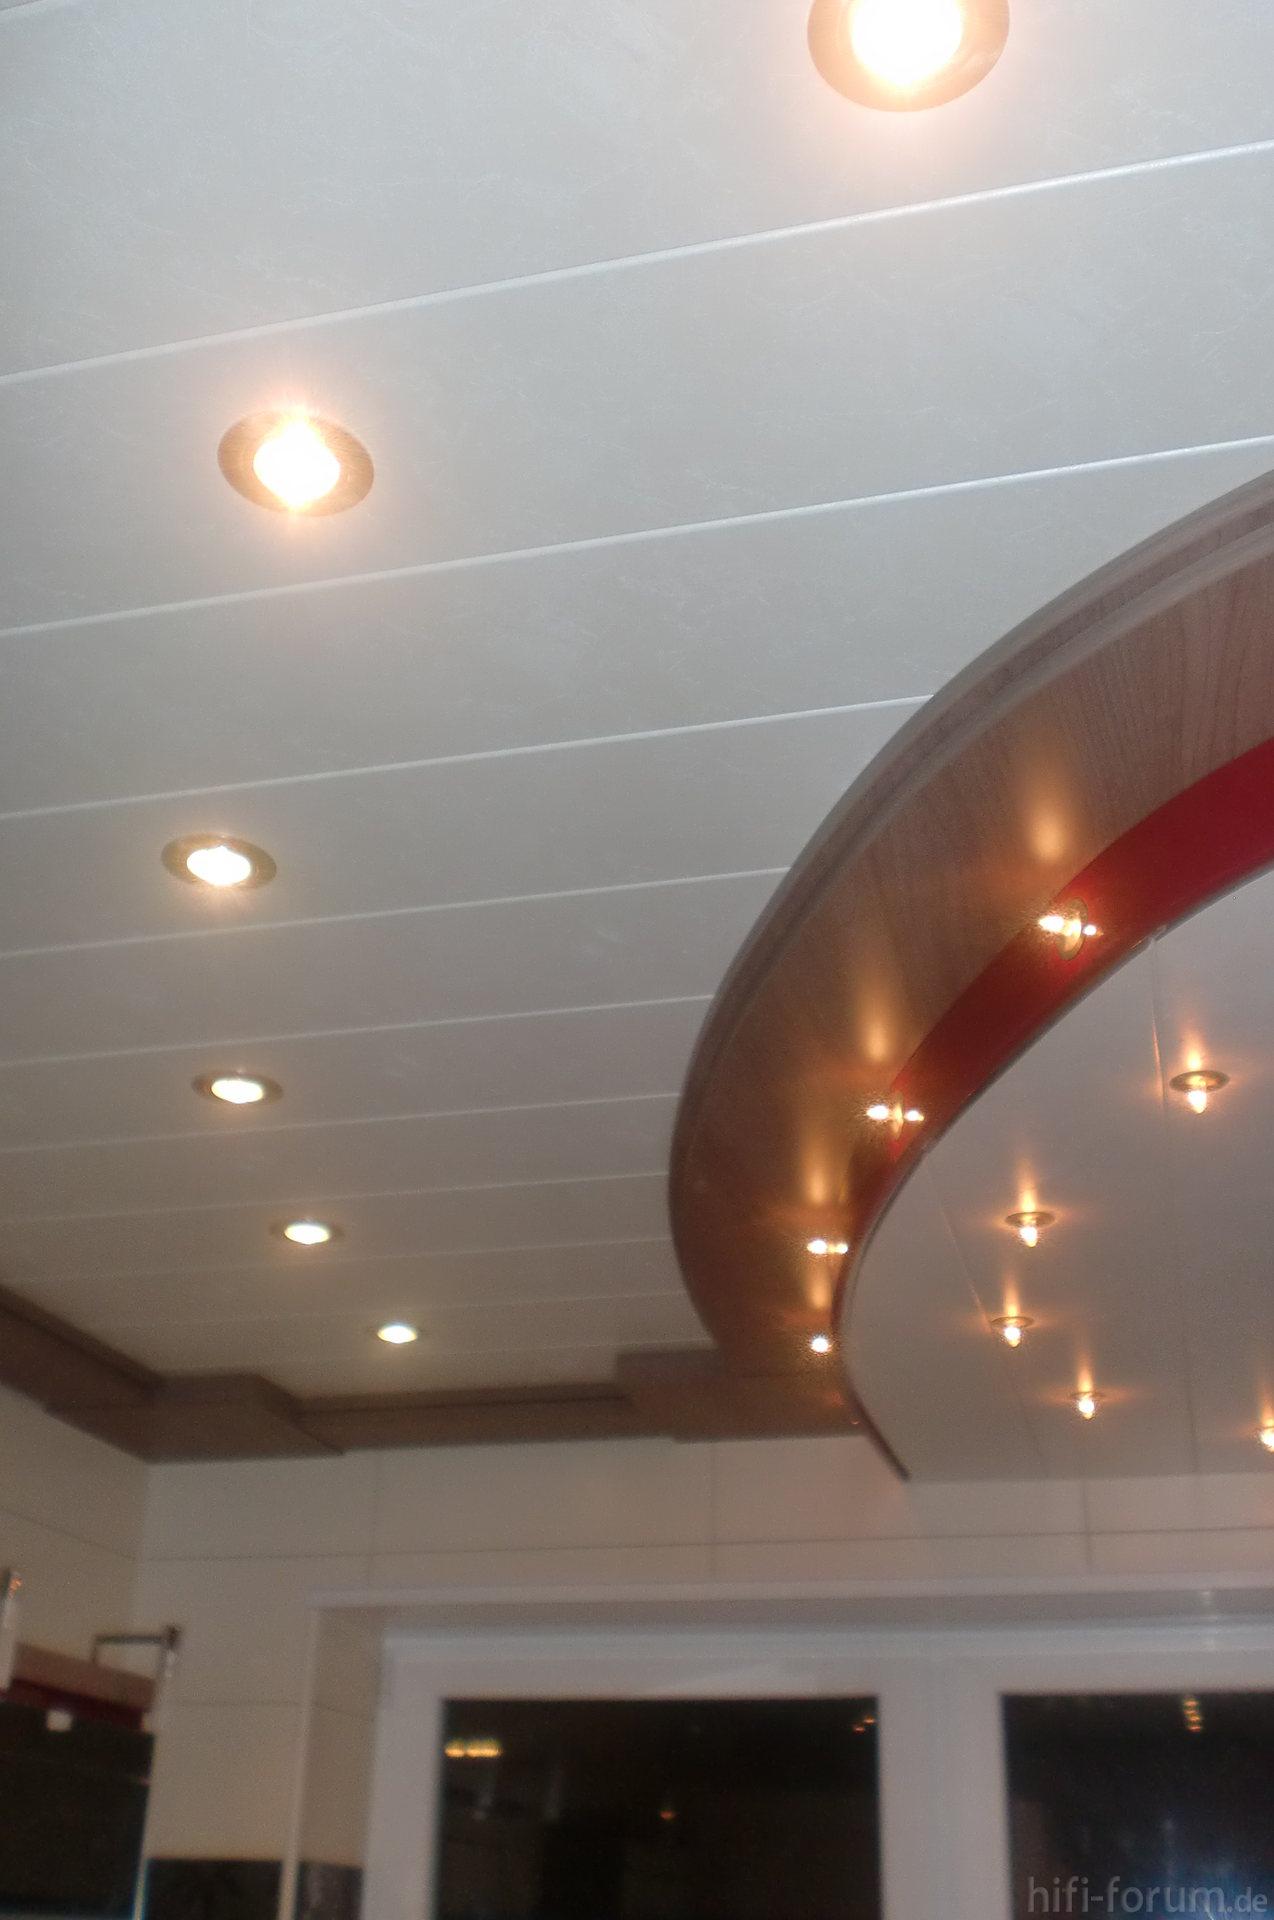 bad licht bad licht hifi bildergalerie. Black Bedroom Furniture Sets. Home Design Ideas